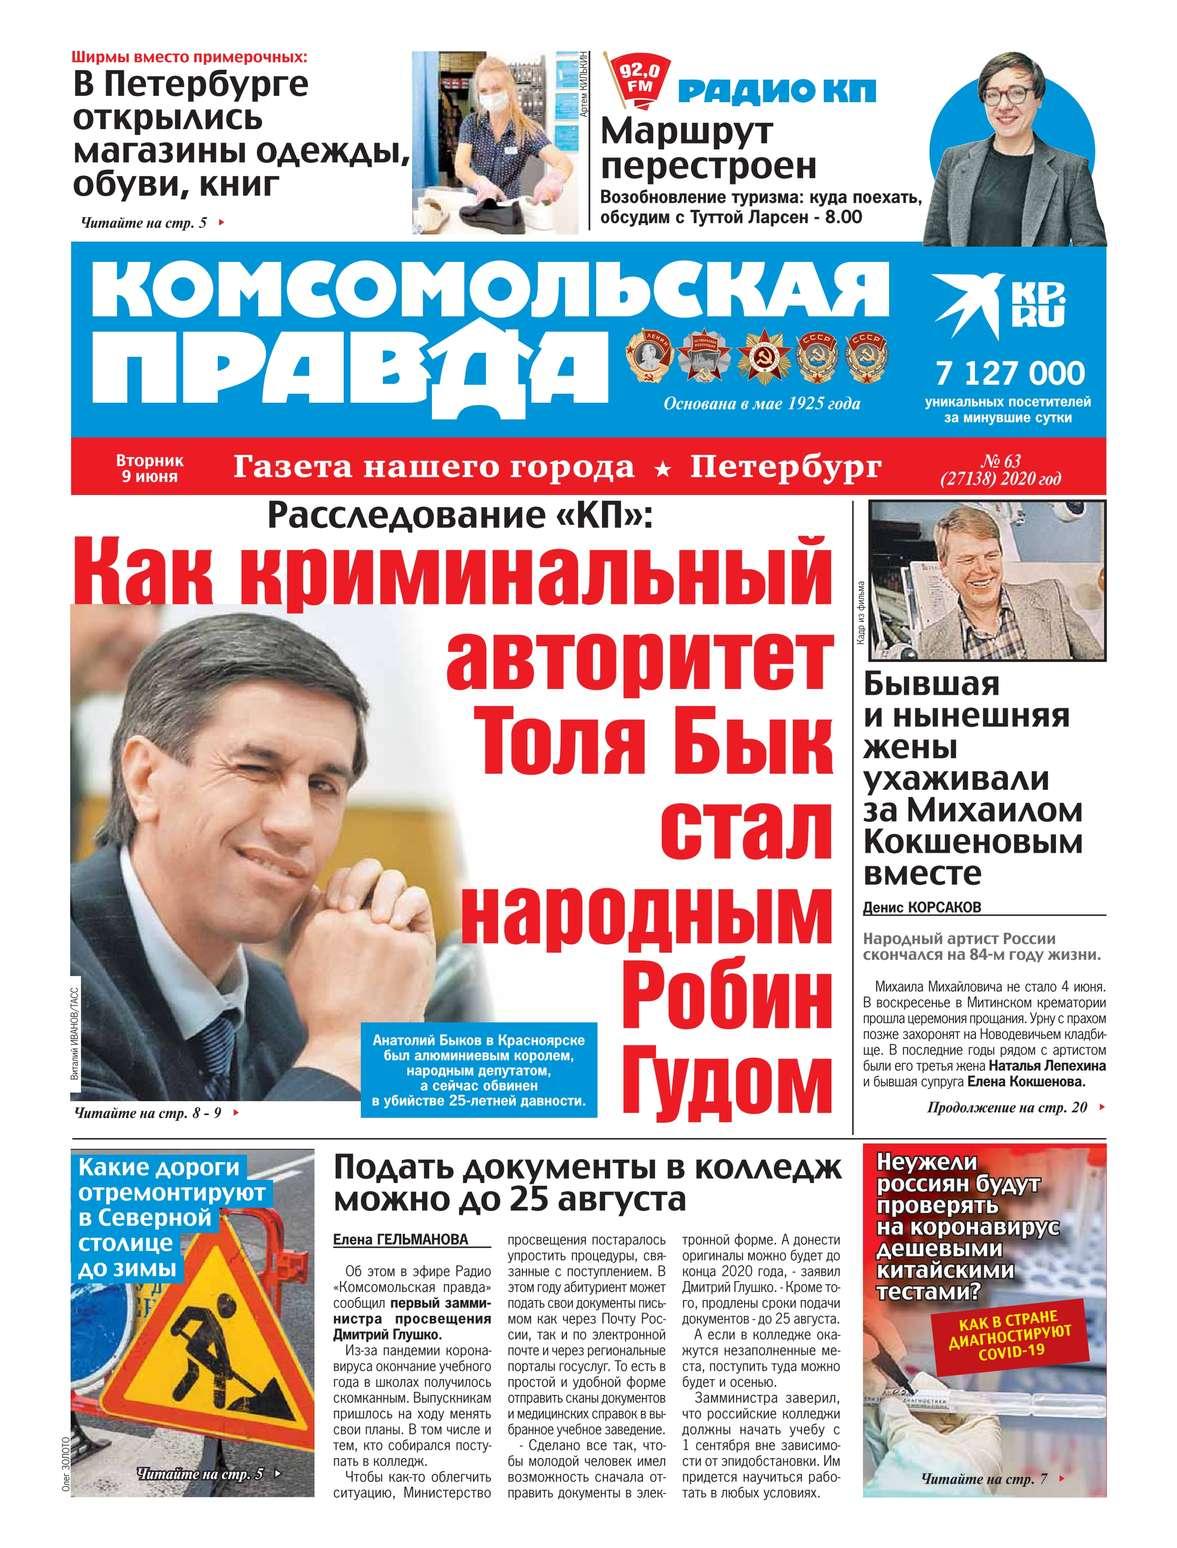 Комсомольская Правда. Санкт-Петербург 63-2020